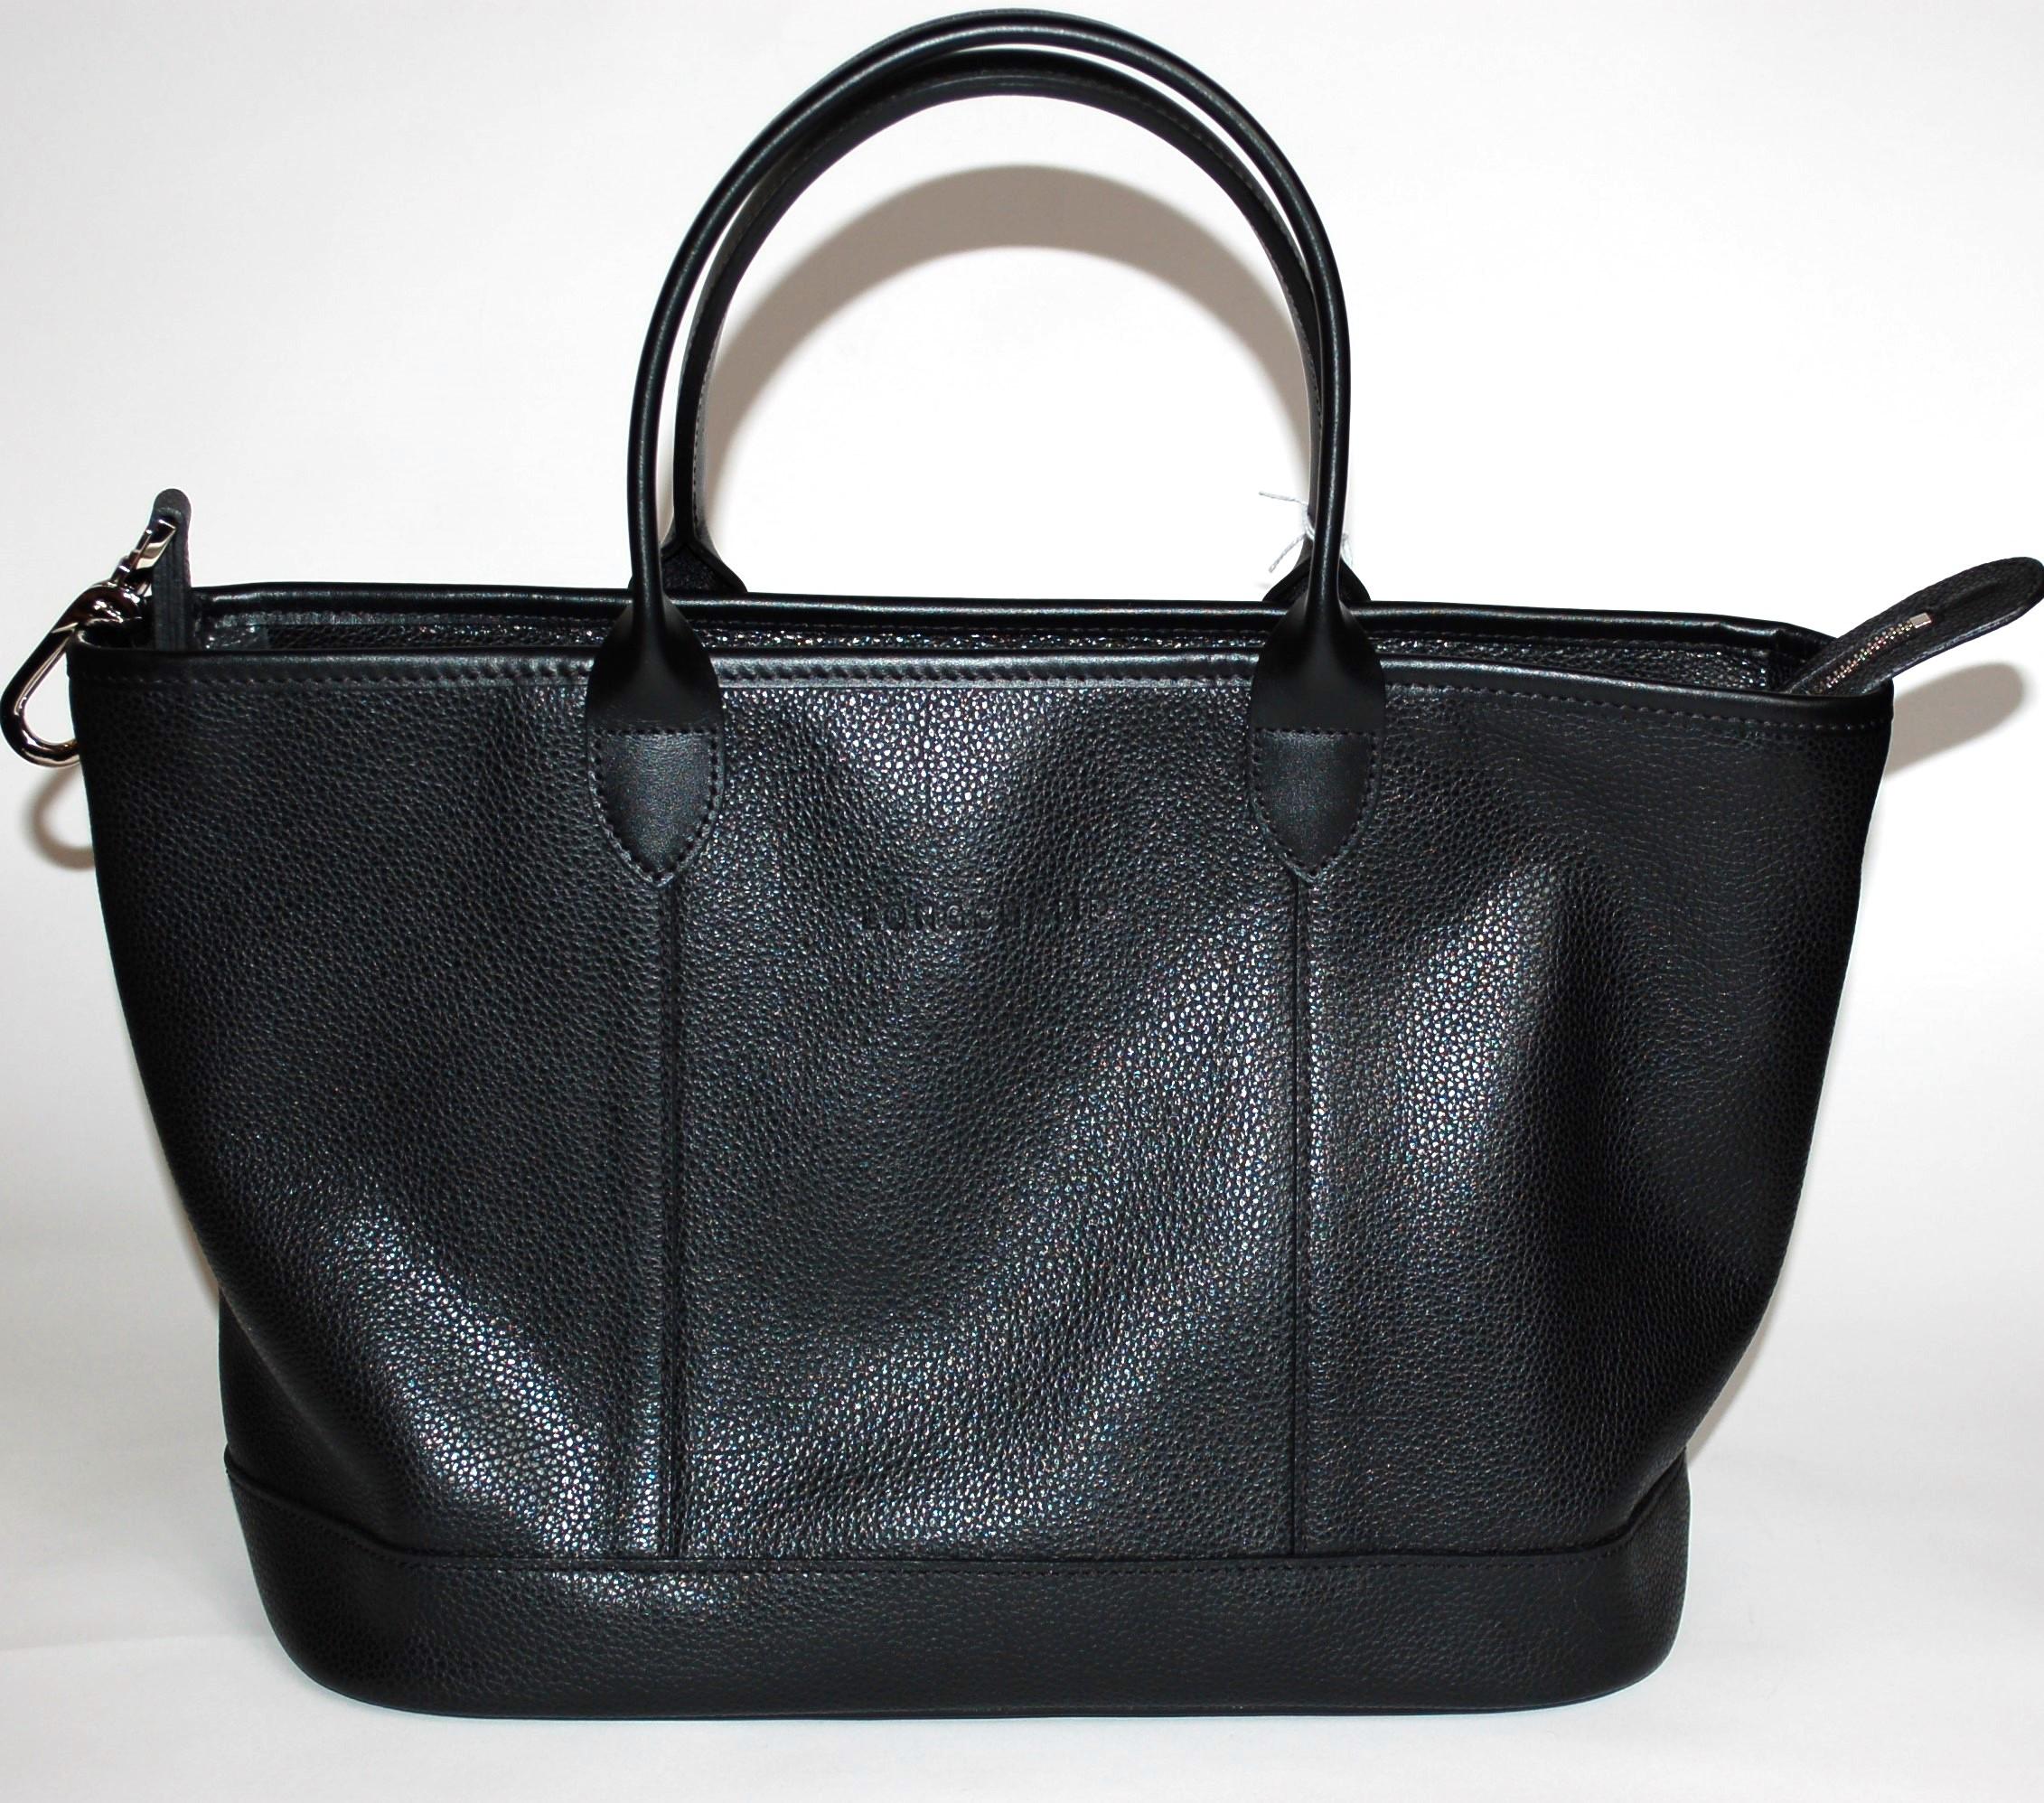 Tassen Den Haag : Longchamp tassen den haag jaarveenkolonien